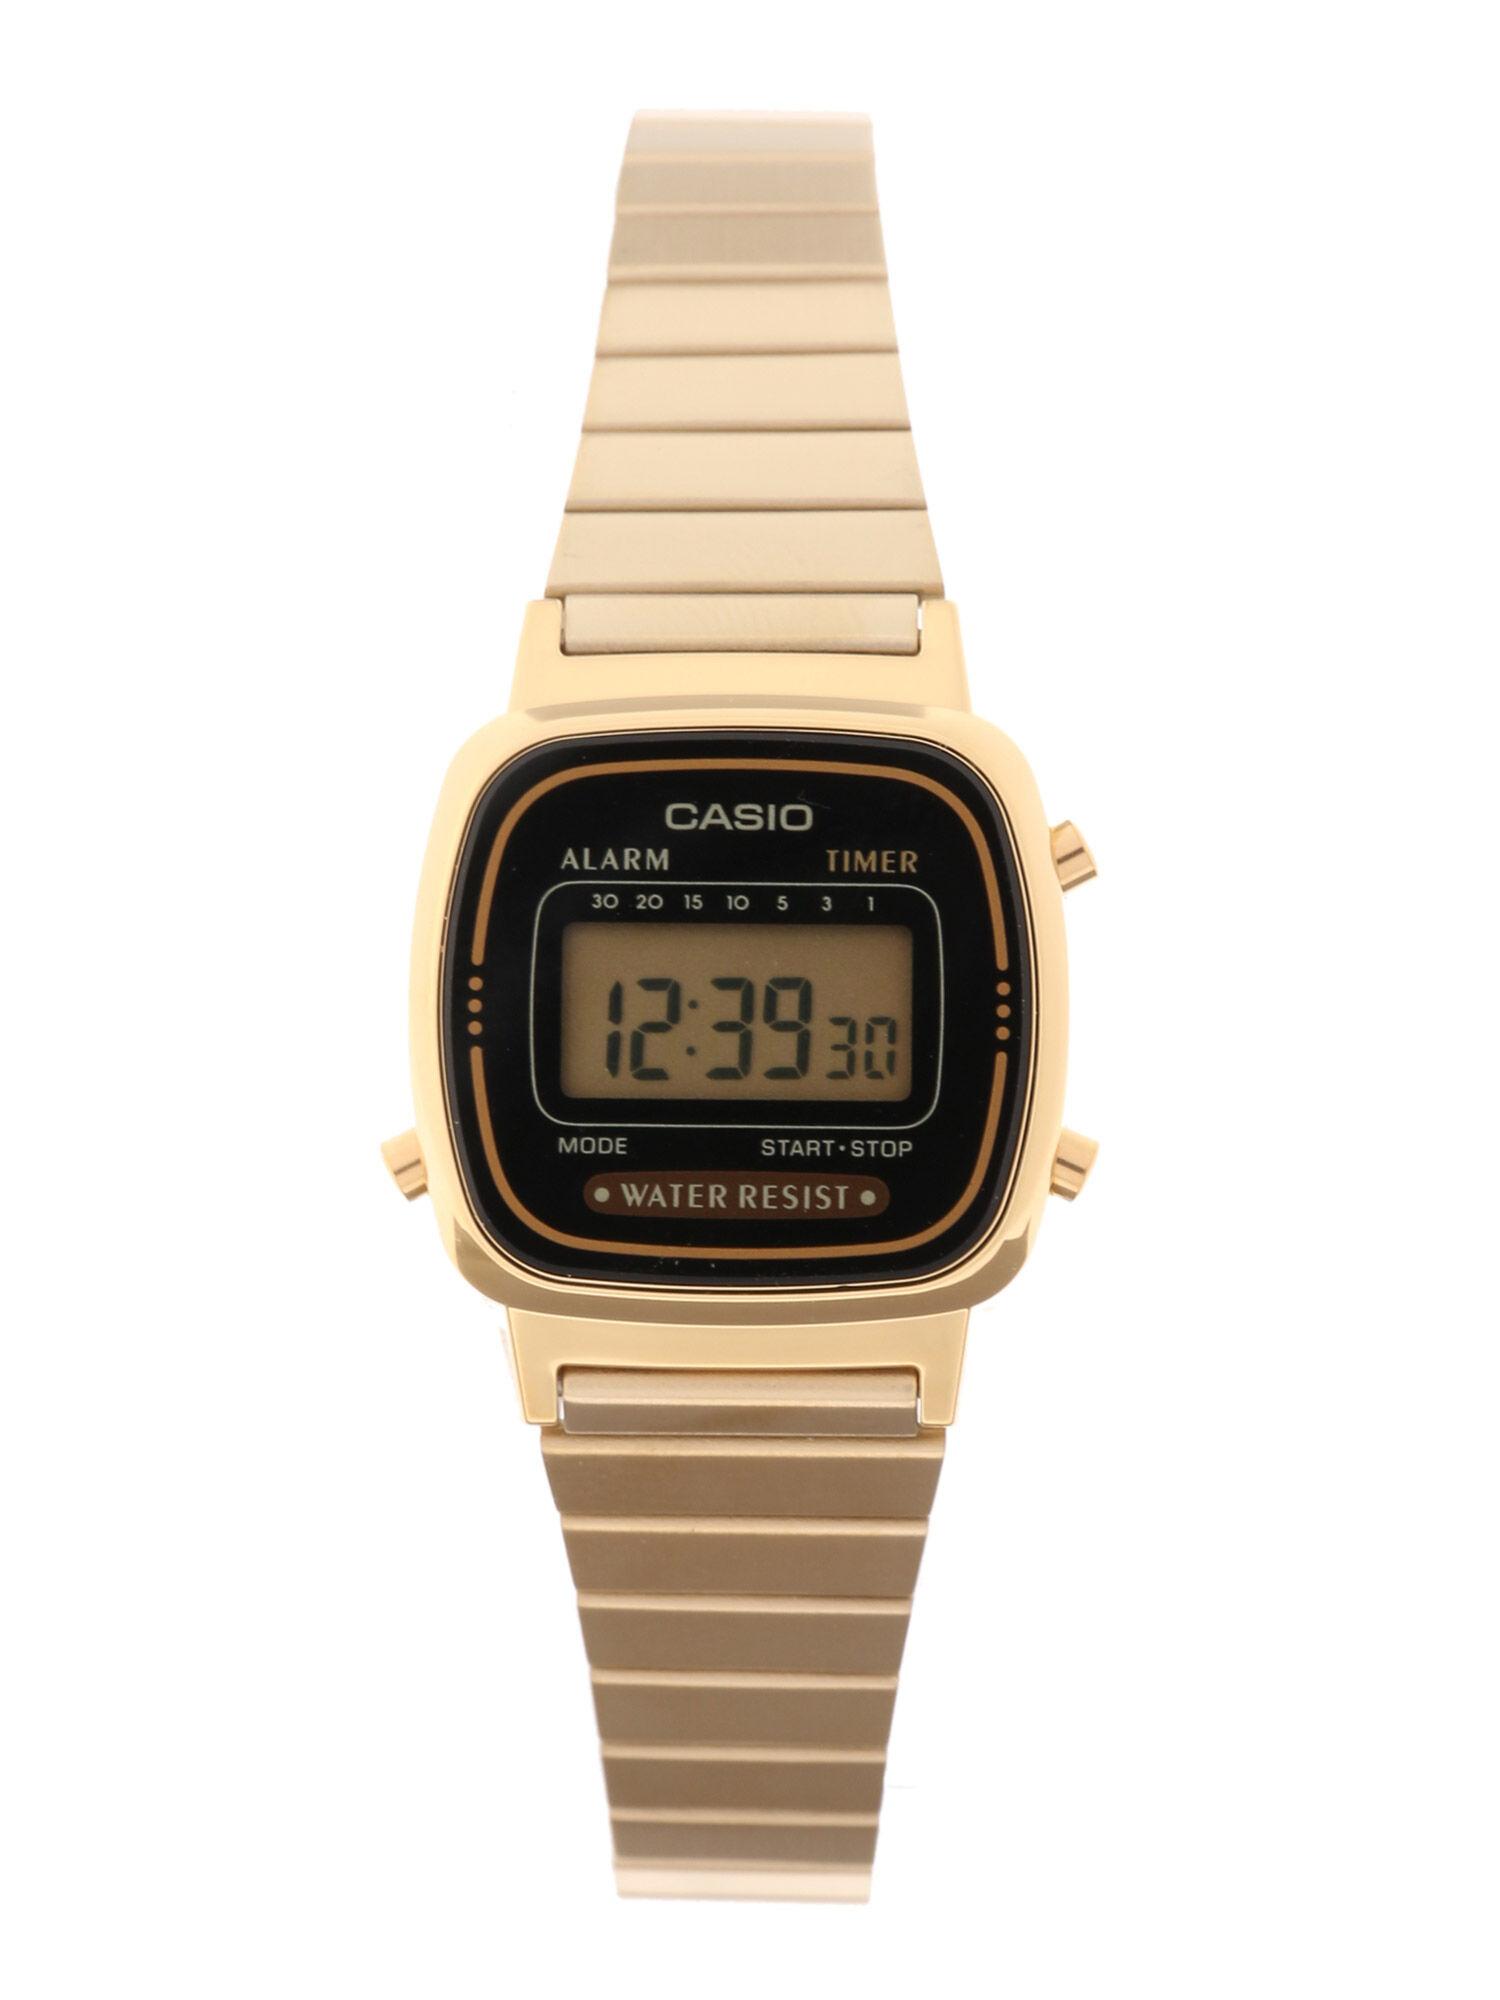 CASIO カシオ  DEGITAL LA-670WAウォッチ【SEVENDAYS=SUNDAY セブンデイズ サンデイ】/ジュエリー・腕時計 レディース腕時計/A1CC00001SAD/アースミュージック&エコロジーでお馴染みの【ストライプクラブ】